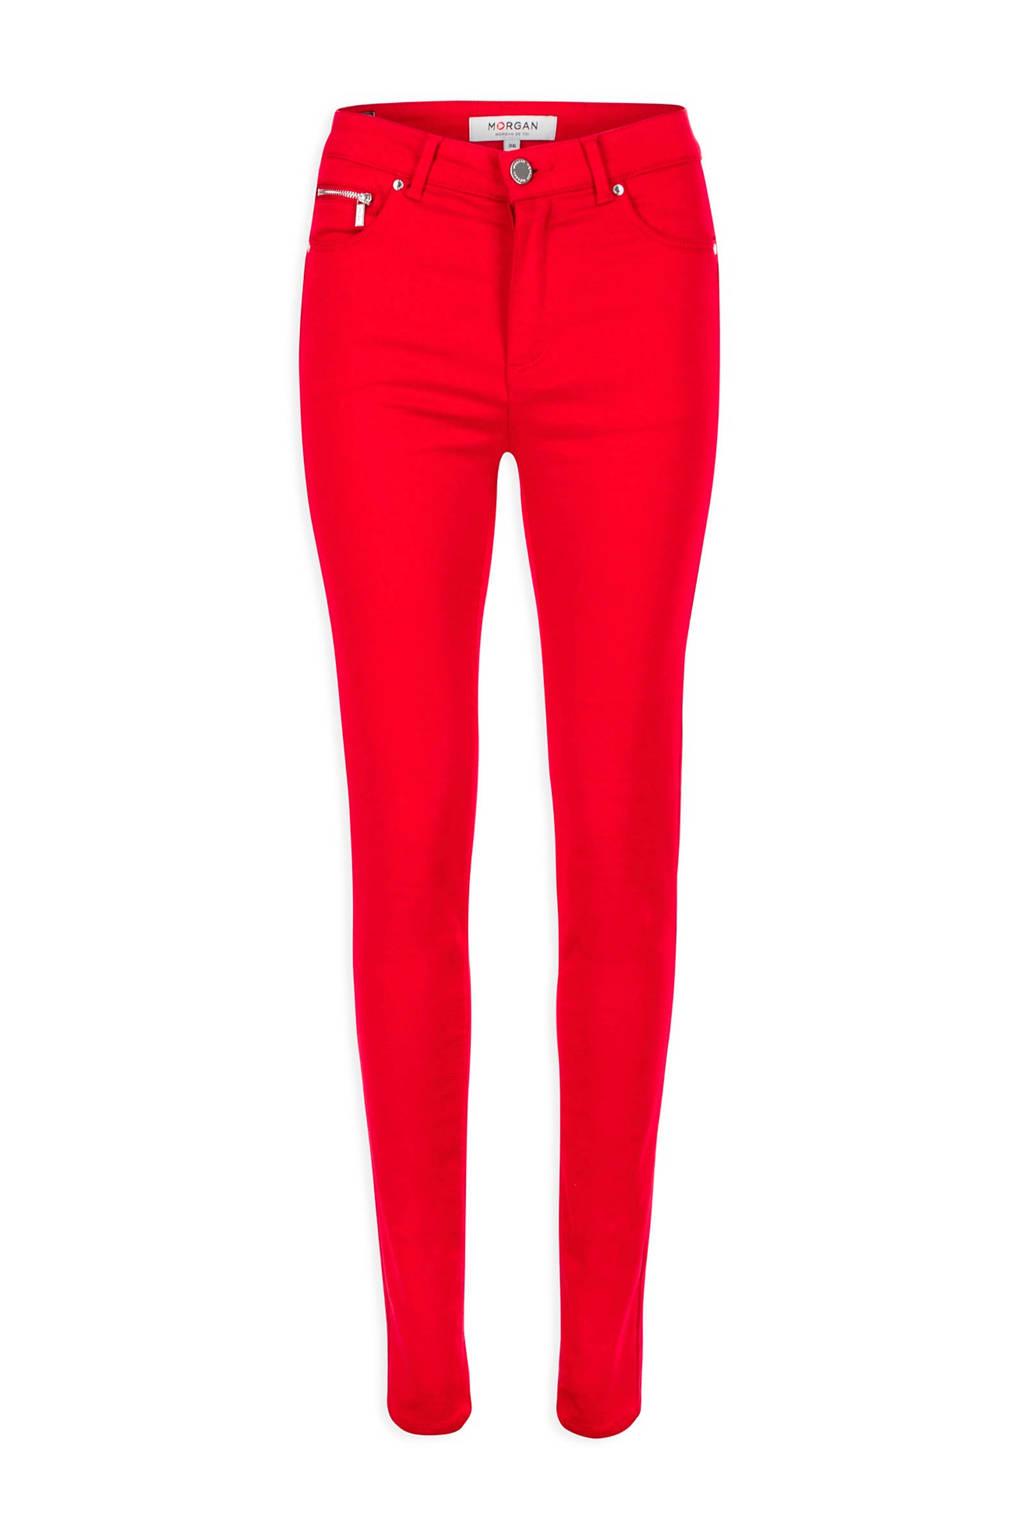 Morgan 7/8 slim fit broek Petri met katoen rood, Rood